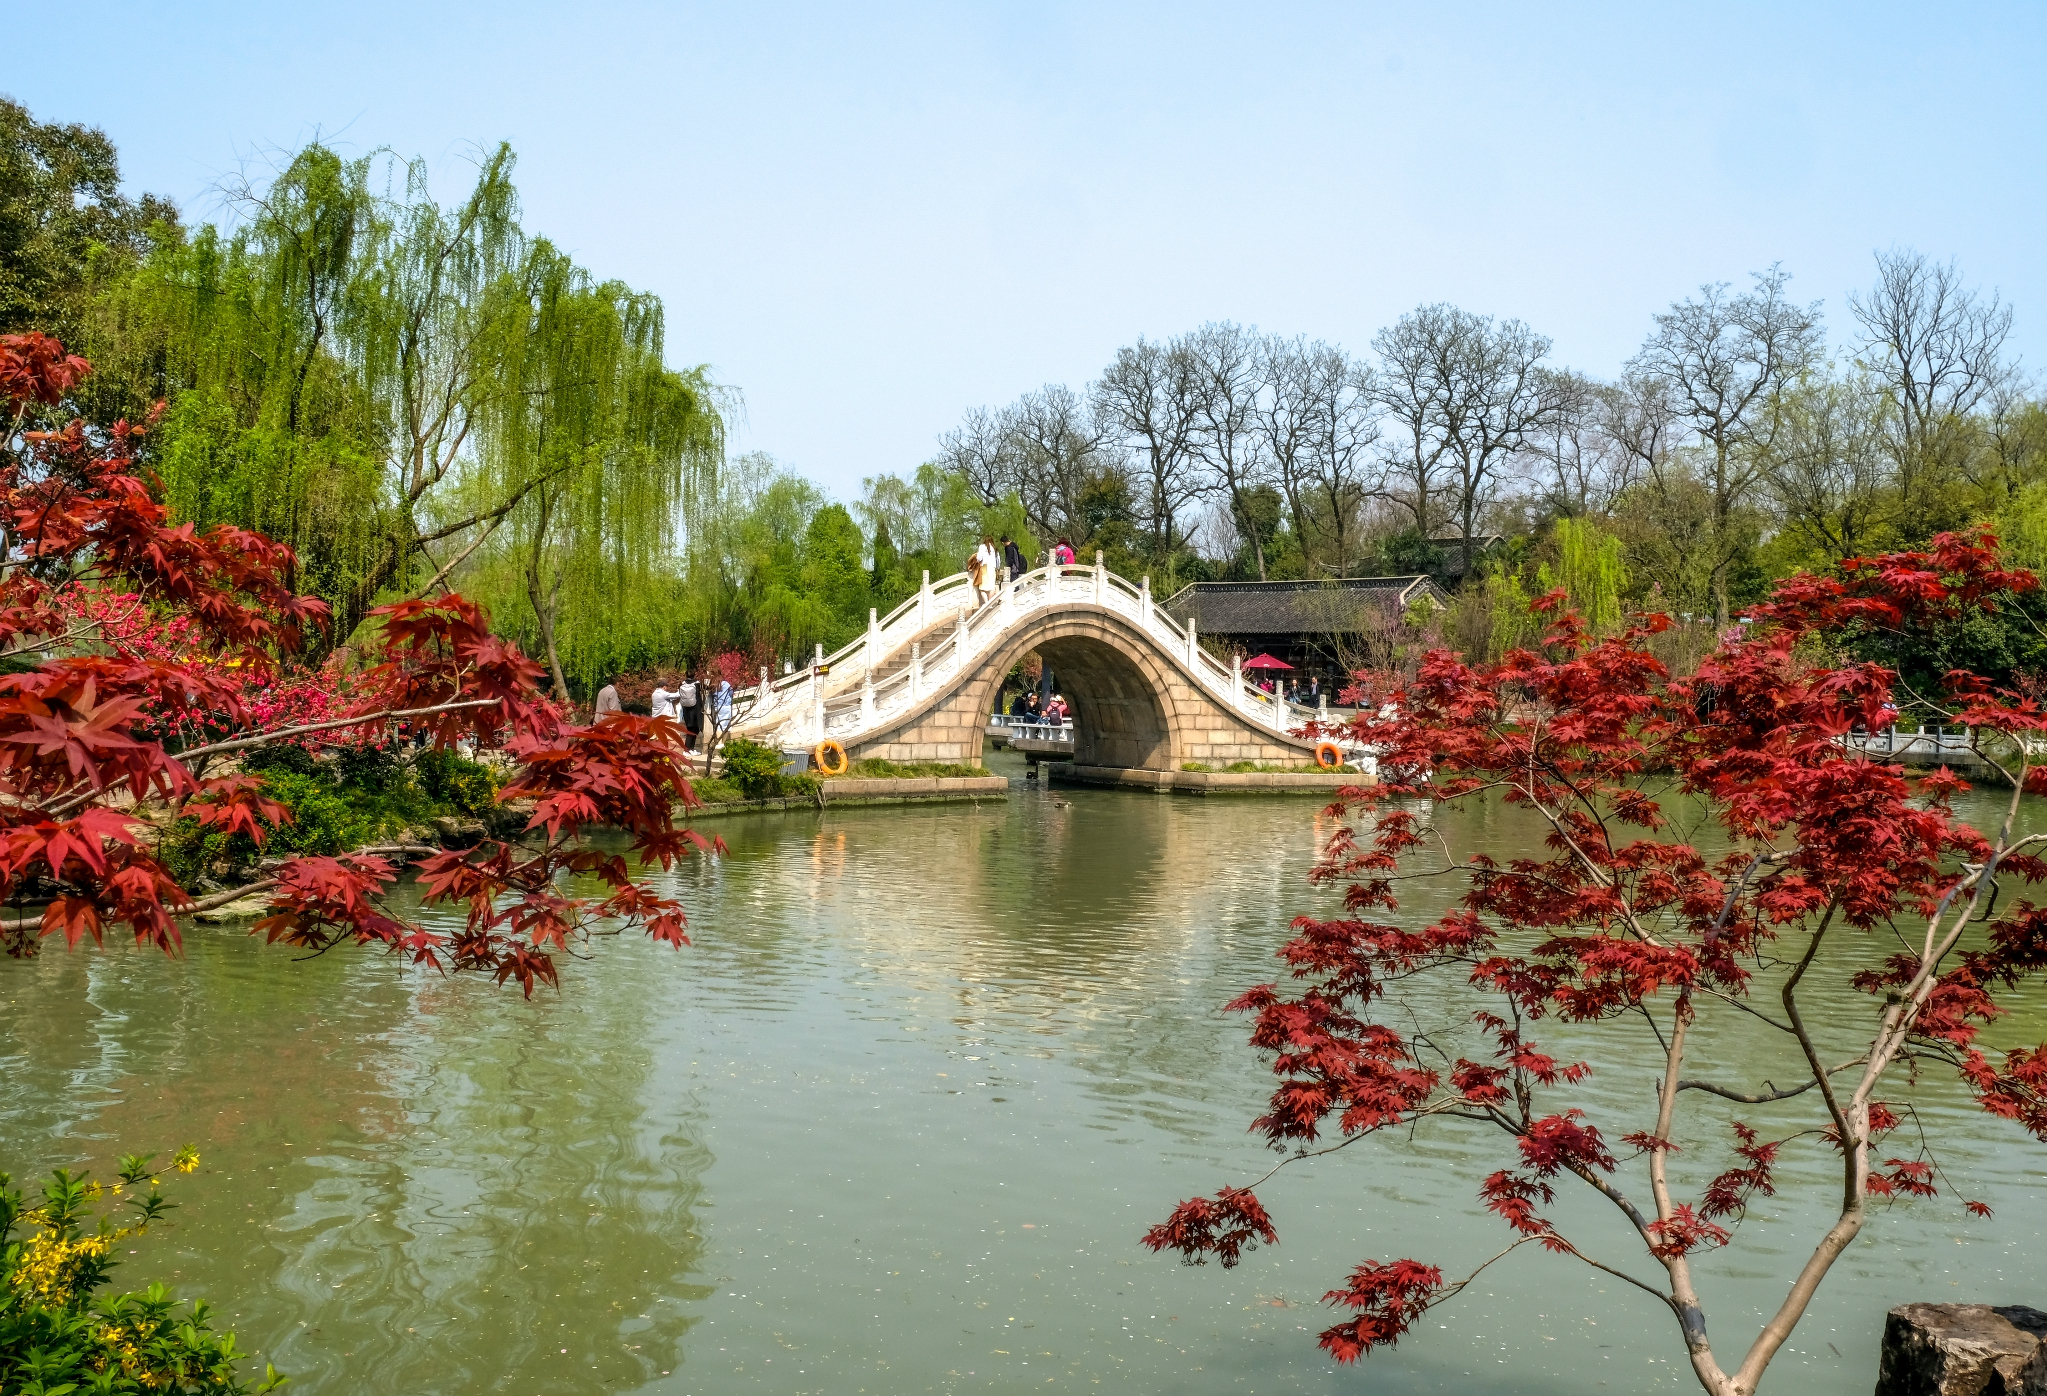 烟花三月下扬州,春暖花开游江南